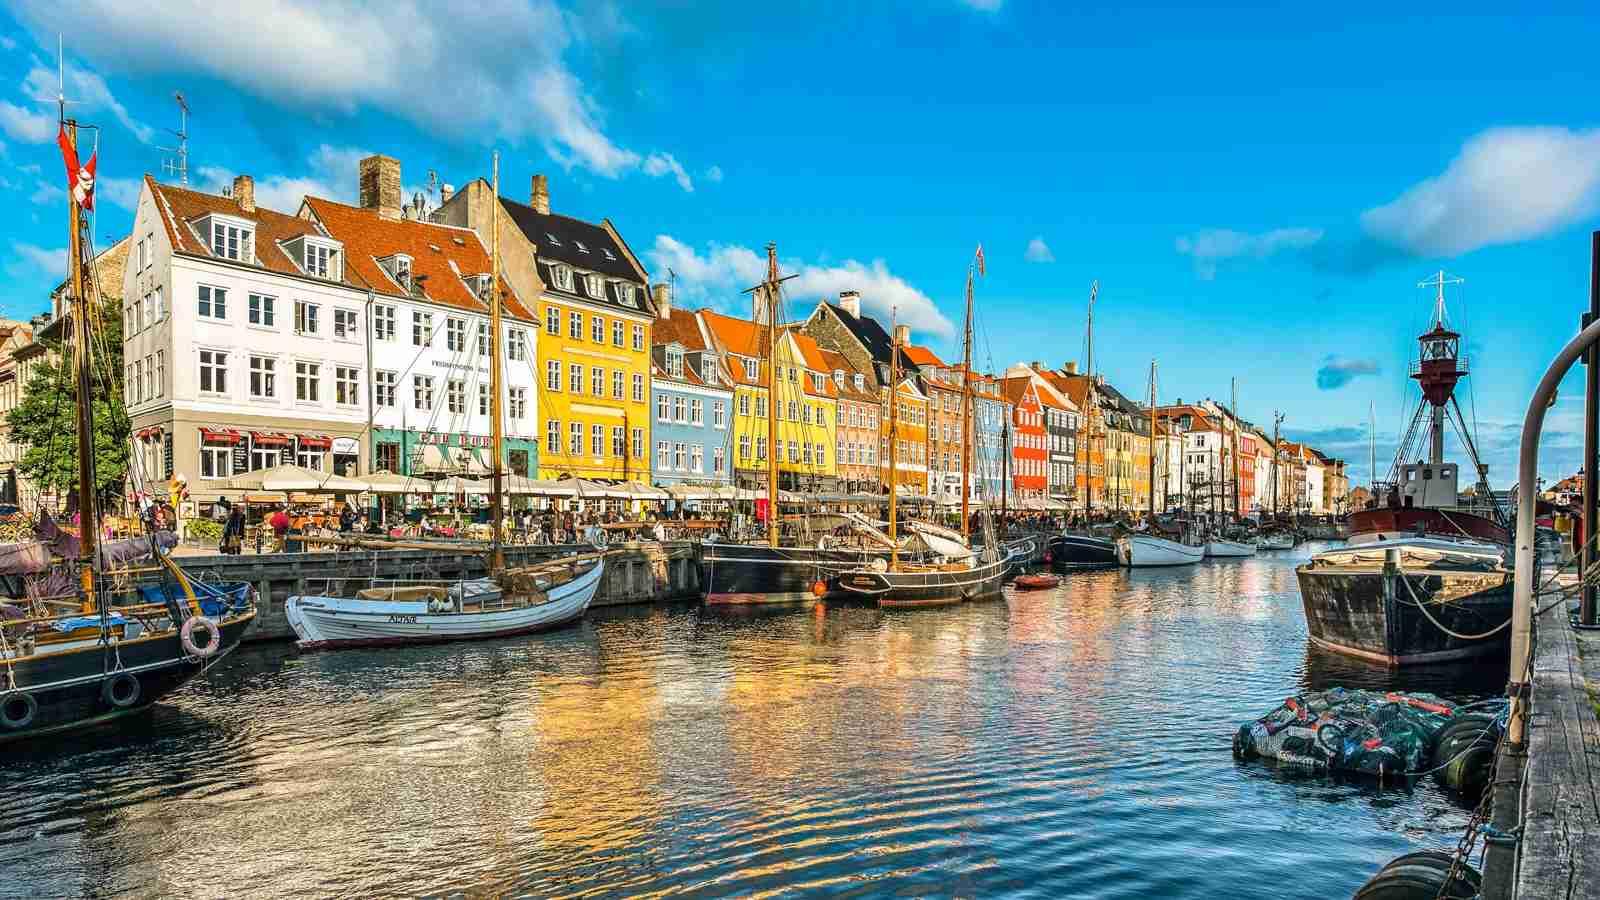 Copenhagen. (Photo by Alongkot Sumritjearapol/Getty Images)